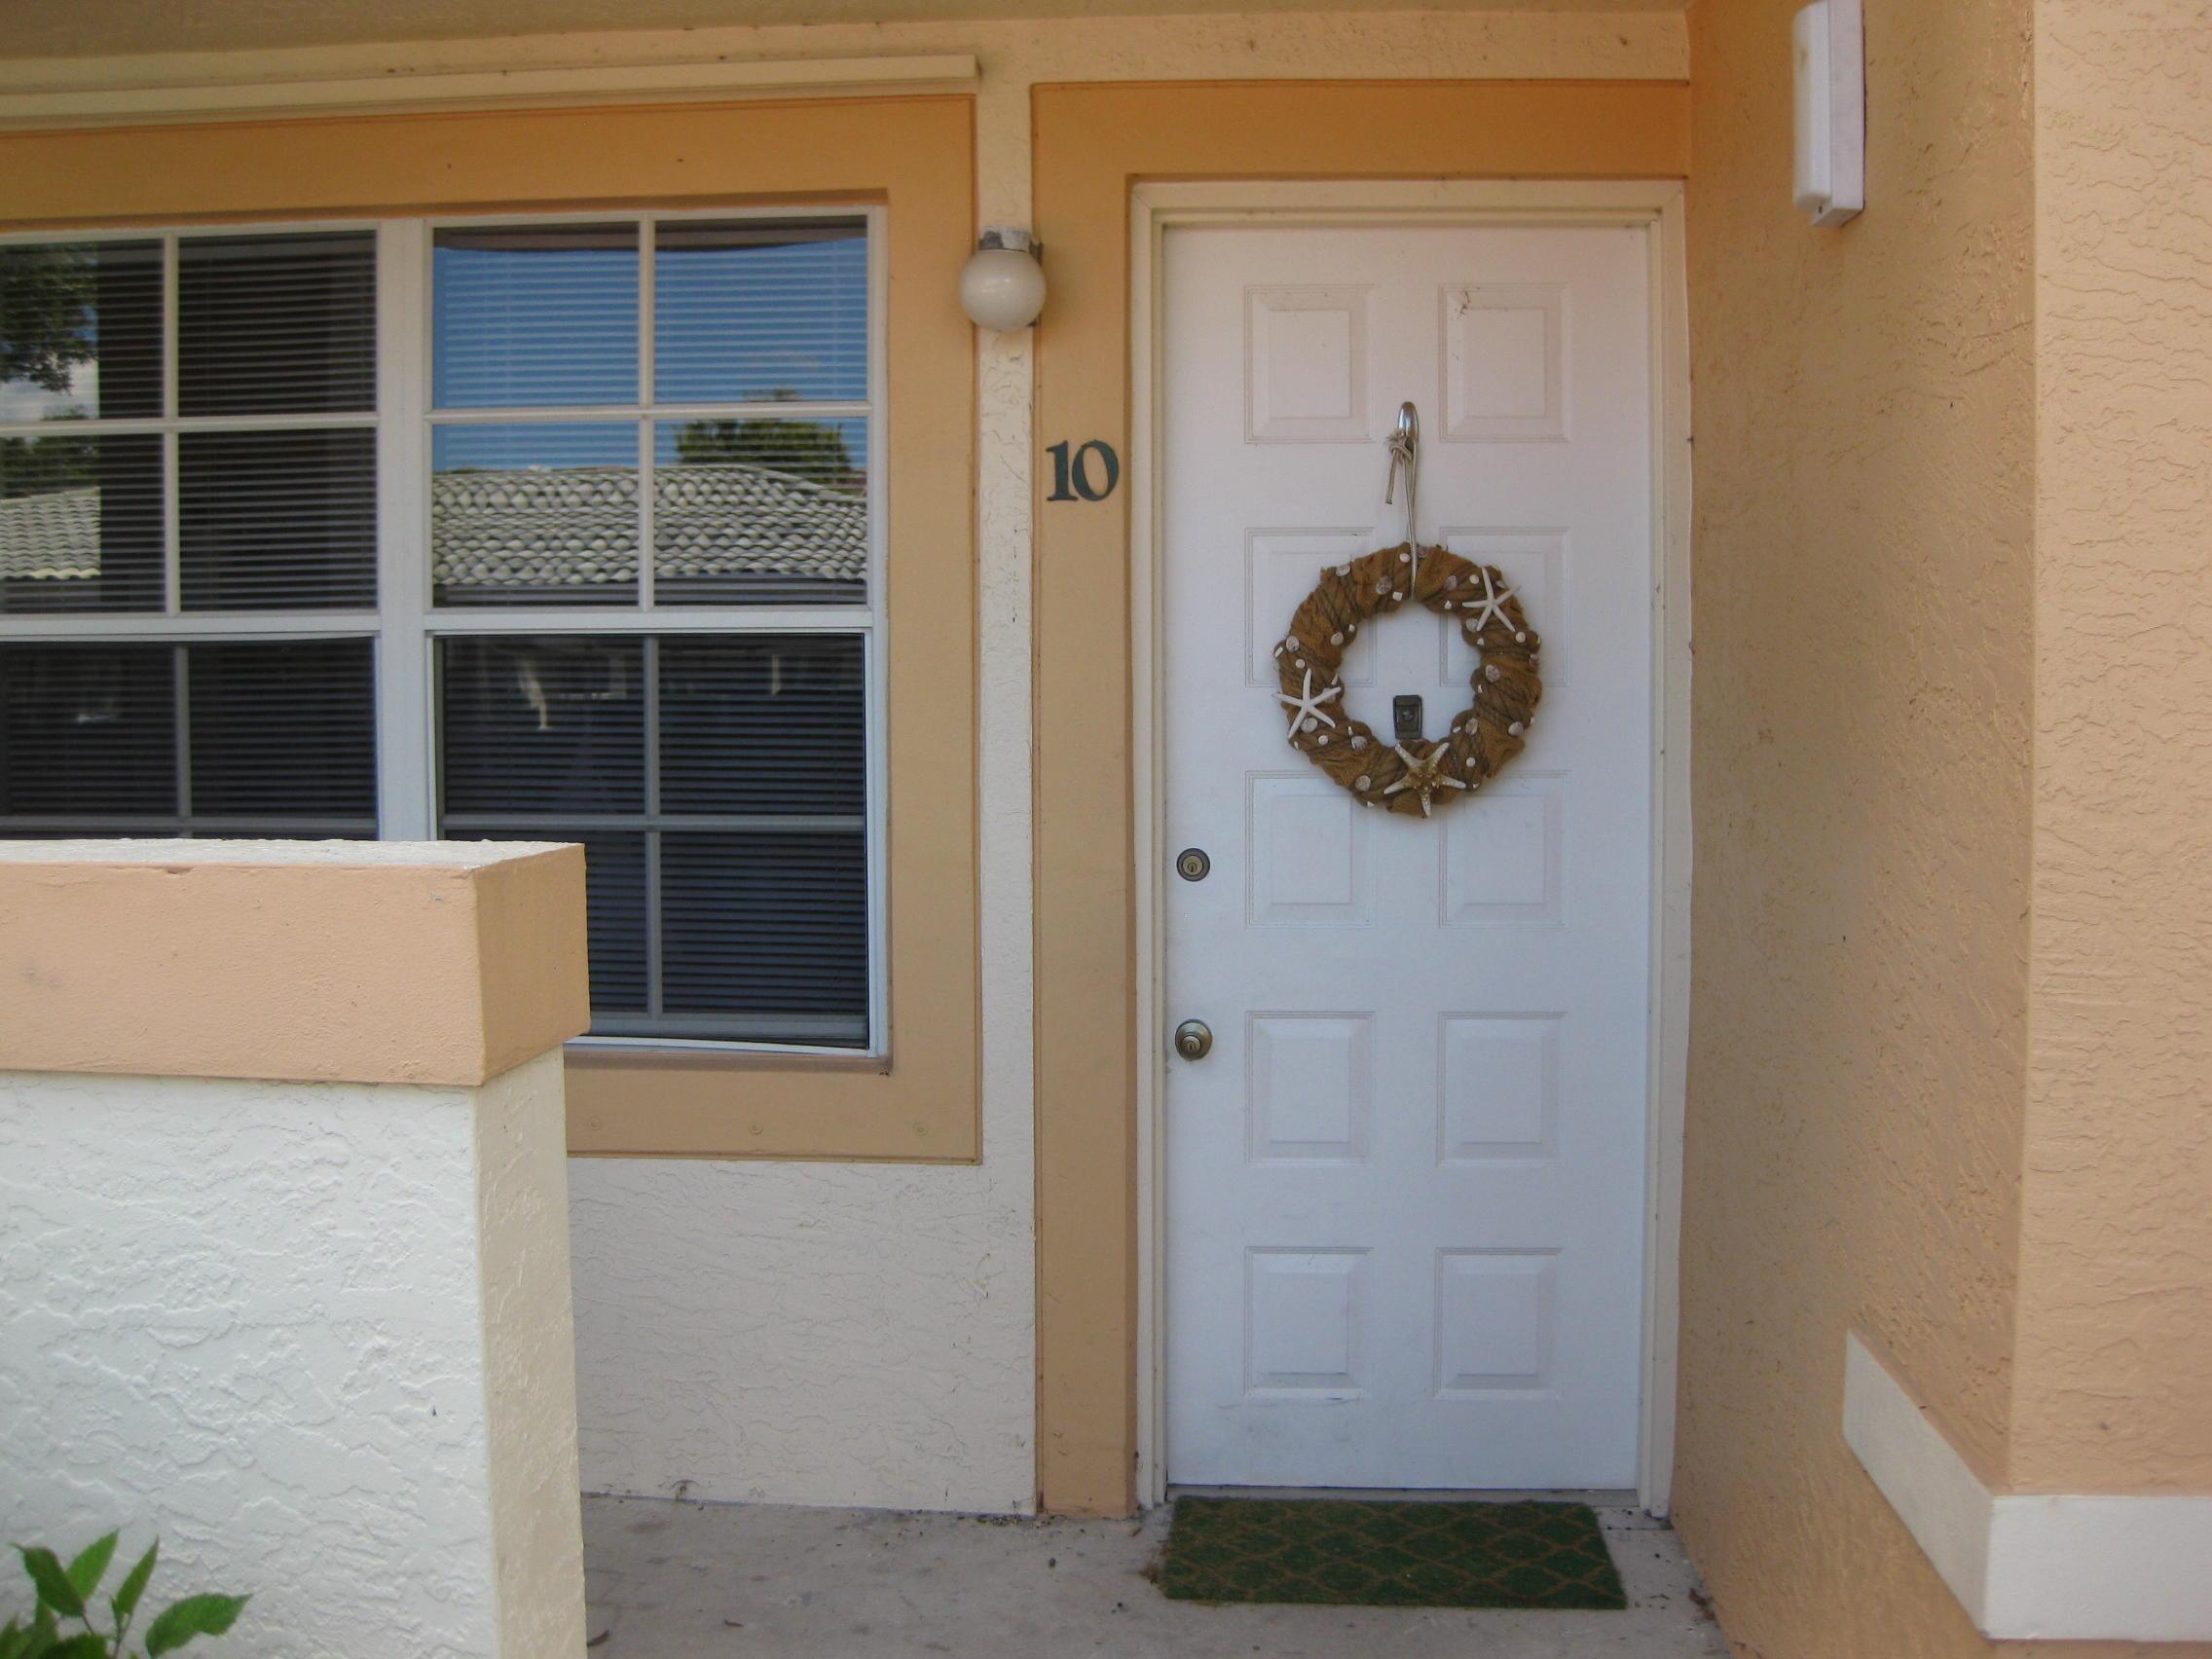 4784 Central Boulevard 10, Jupiter, Florida 33458, 2 Bedrooms Bedrooms, ,2 BathroomsBathrooms,F,Condominium,Central,RX-10522368